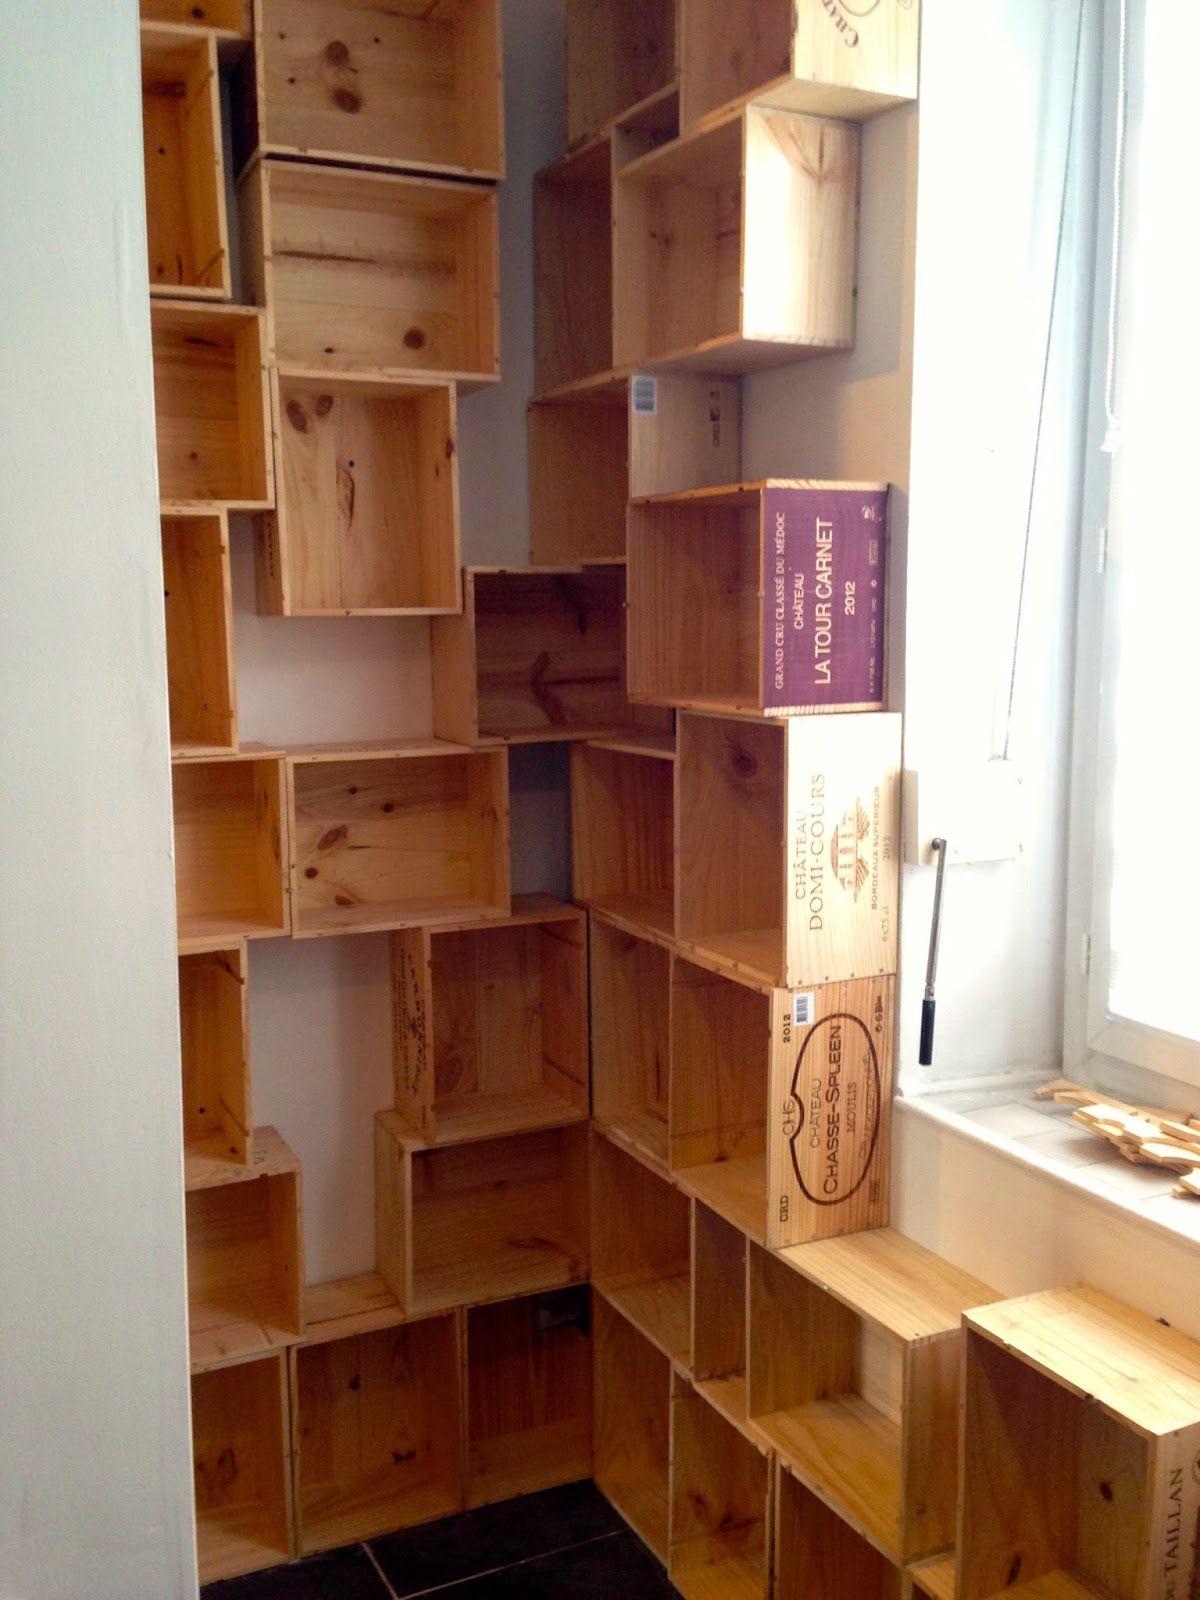 img 1 200 1 600 pixels diy pinterest caisses de vin caisse et vin. Black Bedroom Furniture Sets. Home Design Ideas